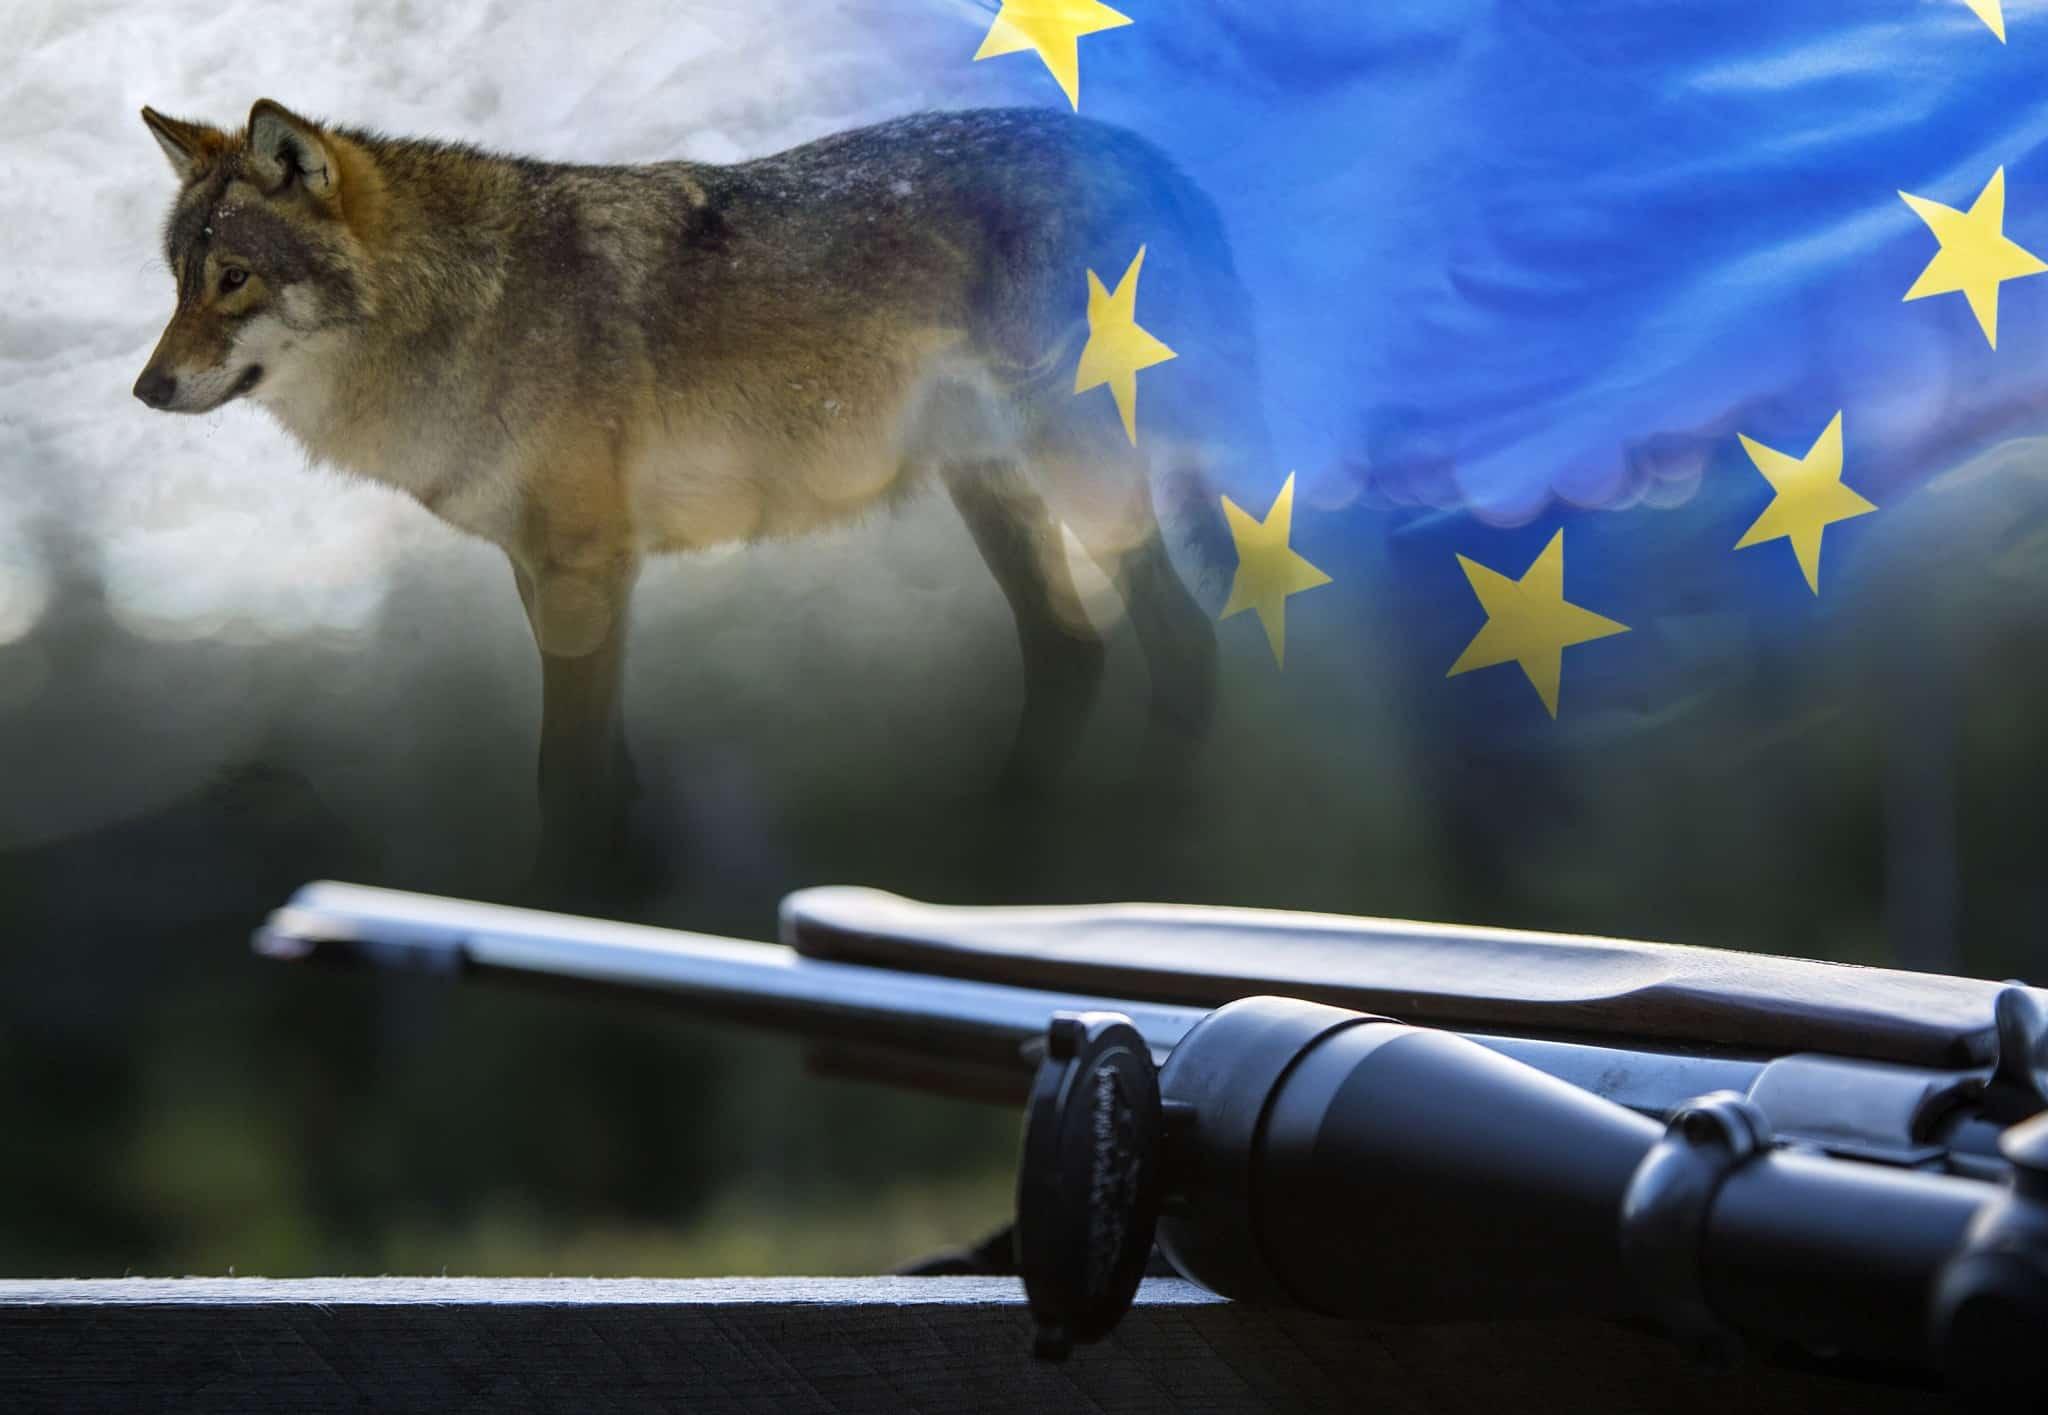 EU-valet i maj har stor betydelse för jägarna i Sverige. Två av de stora frågorna under den gångna mandatperioden har varit varg och vapen. Foto: Olle Olsson samt Mostphotos.